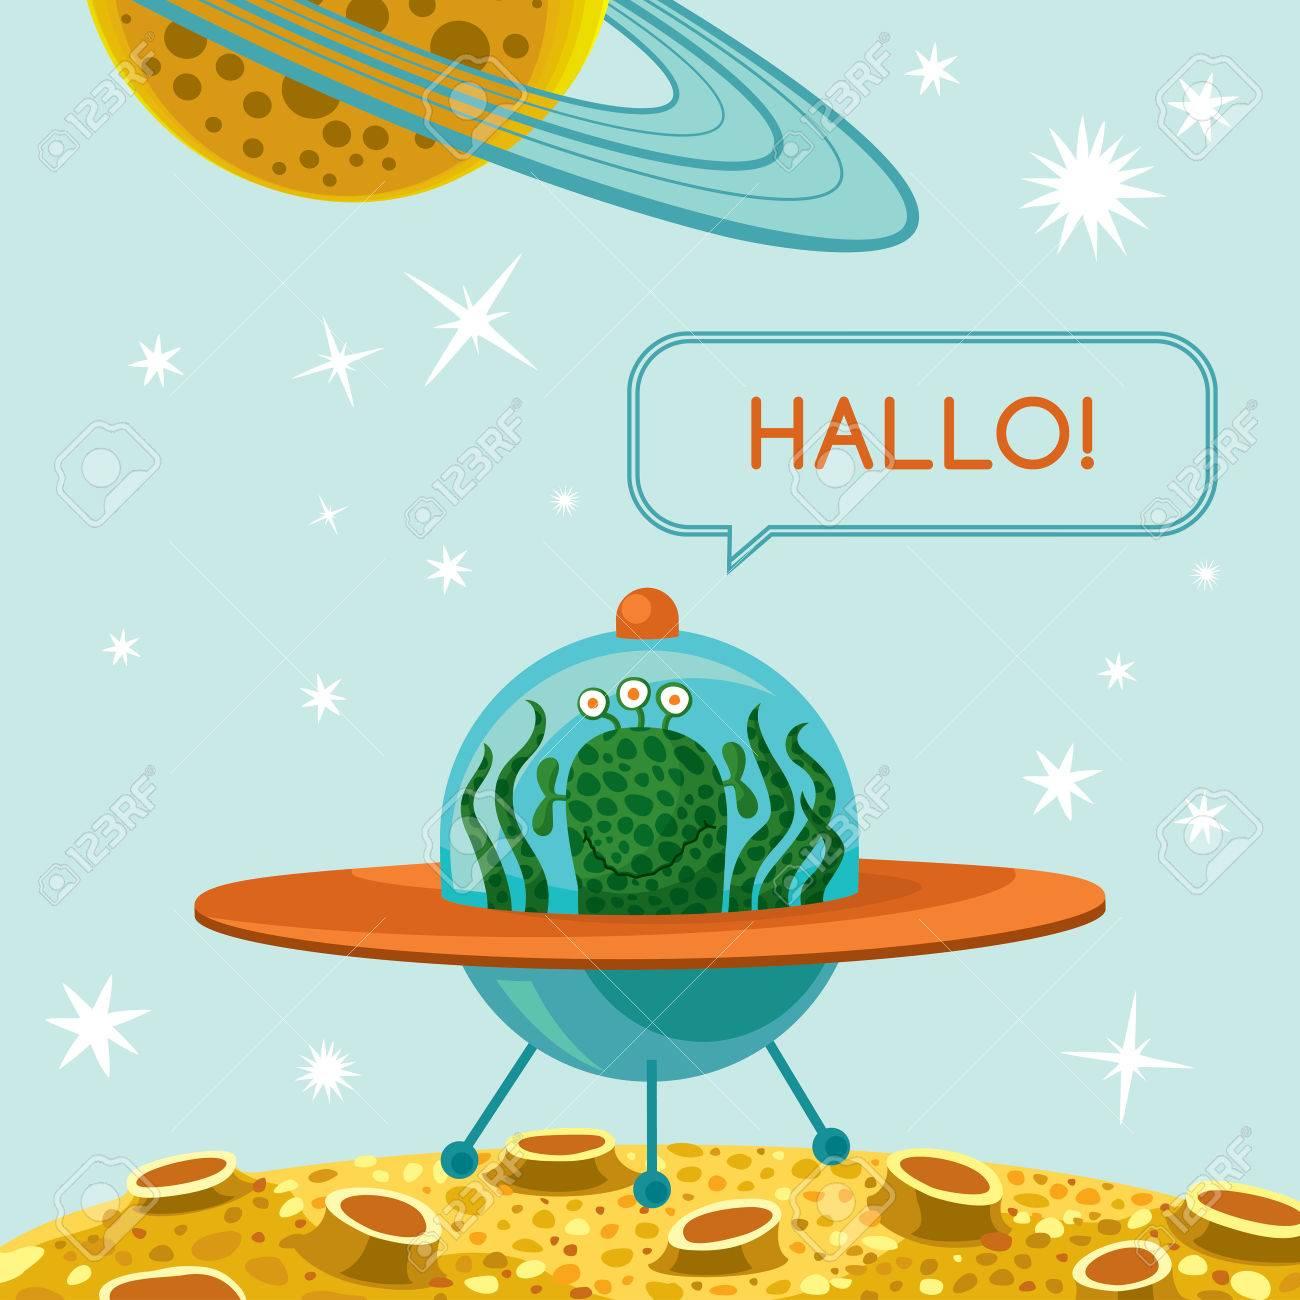 ベクトル イラストかわいい幸せエイリアン宇宙船テキスト ハロウィンでの